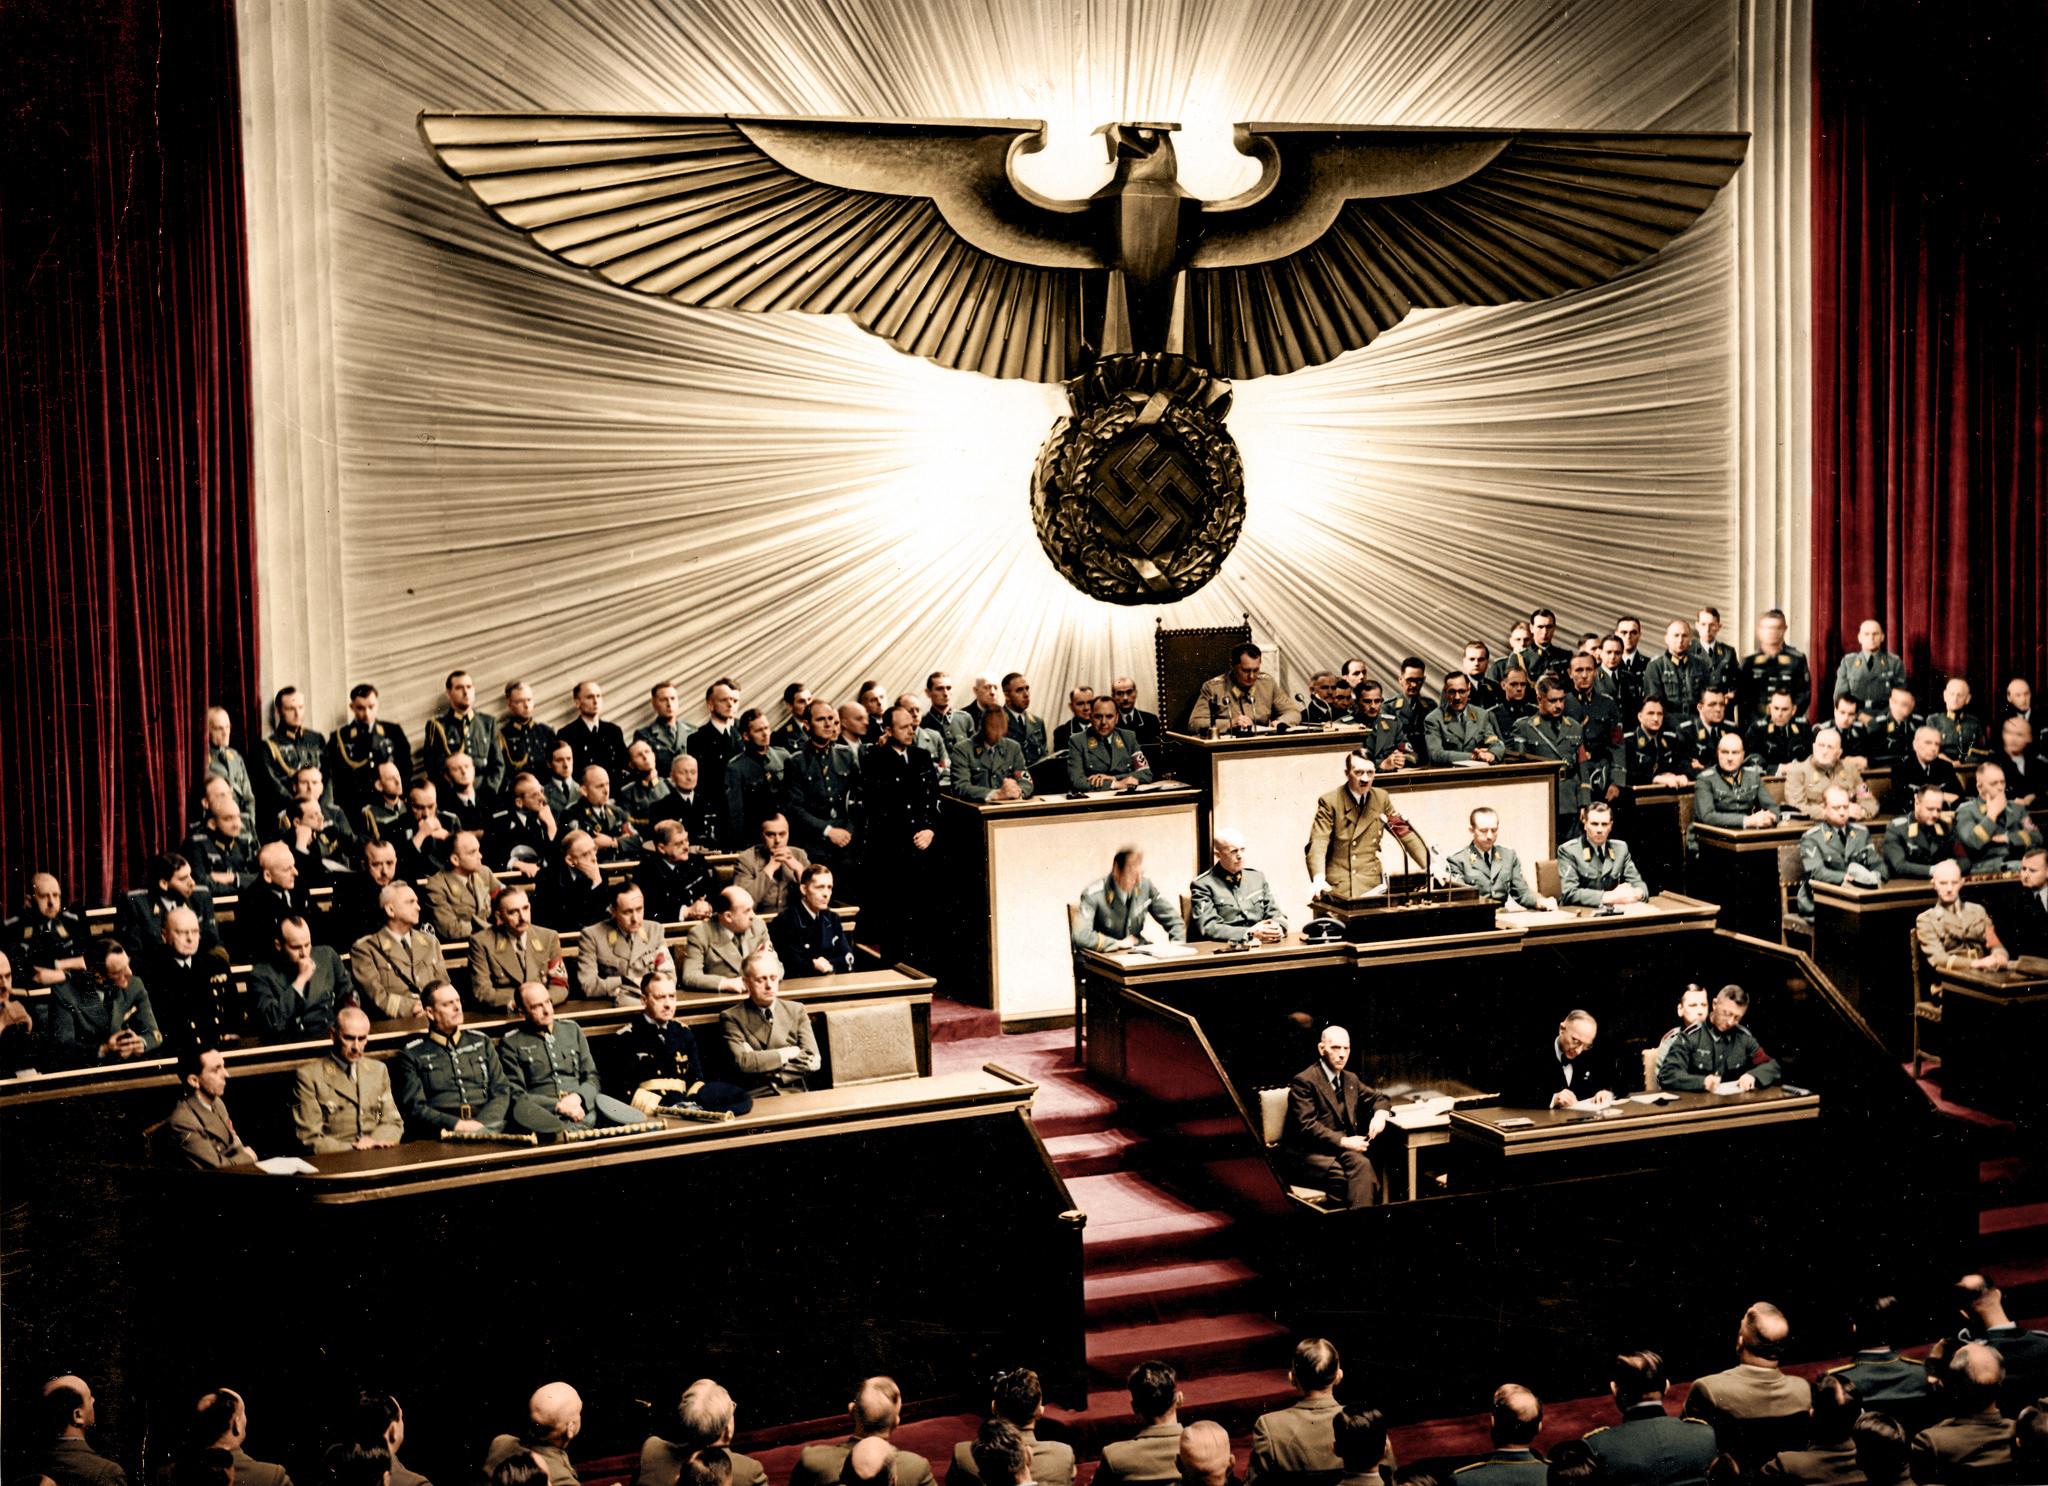 adolf hitler'in, abd'ye savaş ilan ettiği konuşması, 1941 [2048x1486] (renklendirilmiş)